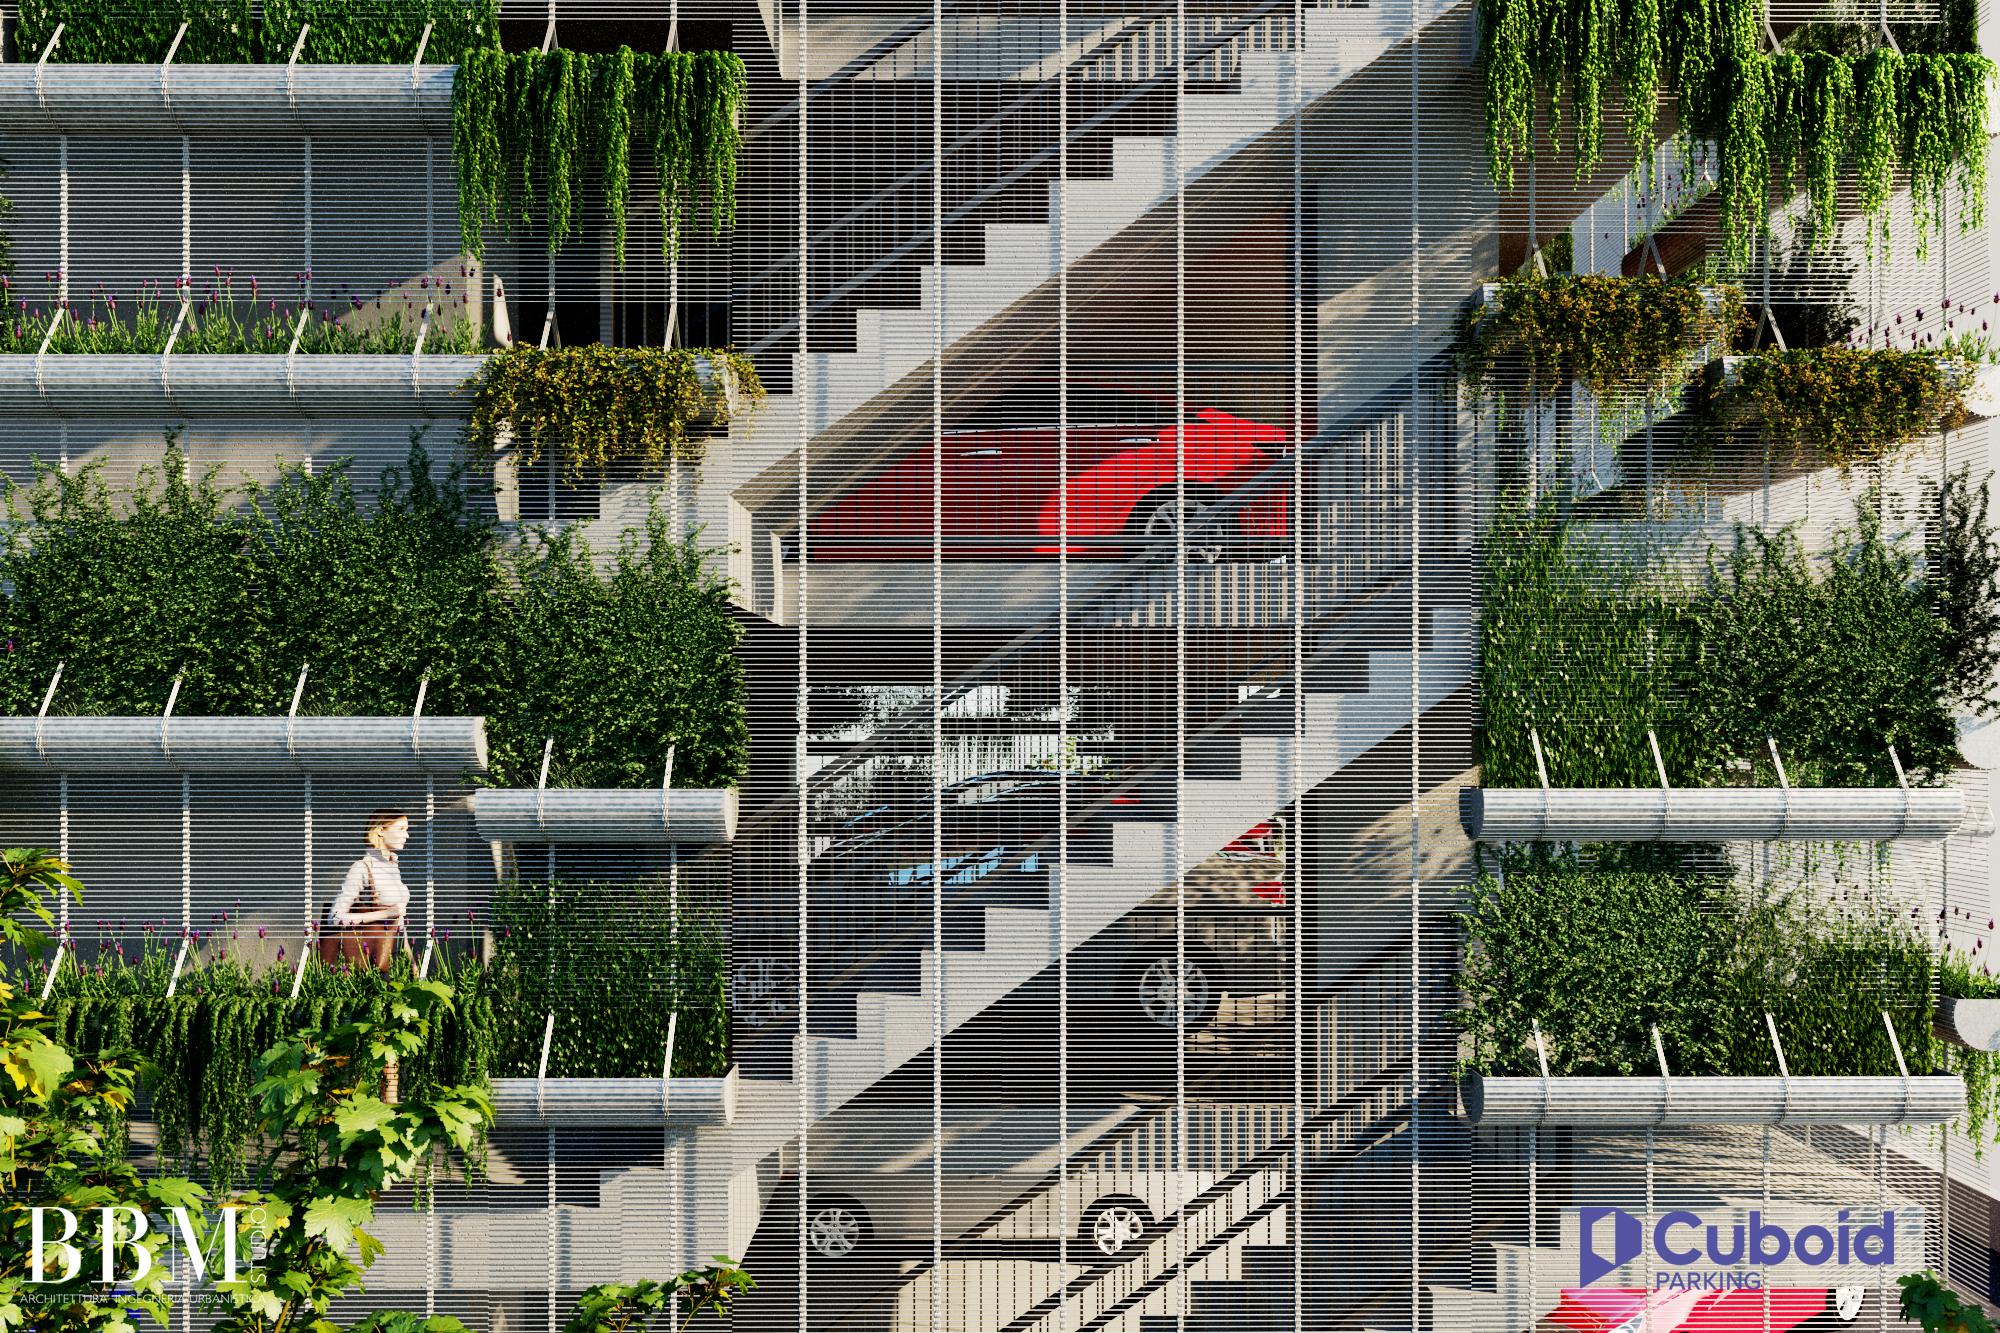 Cuboid Parking - Cuboid Treppenhaus